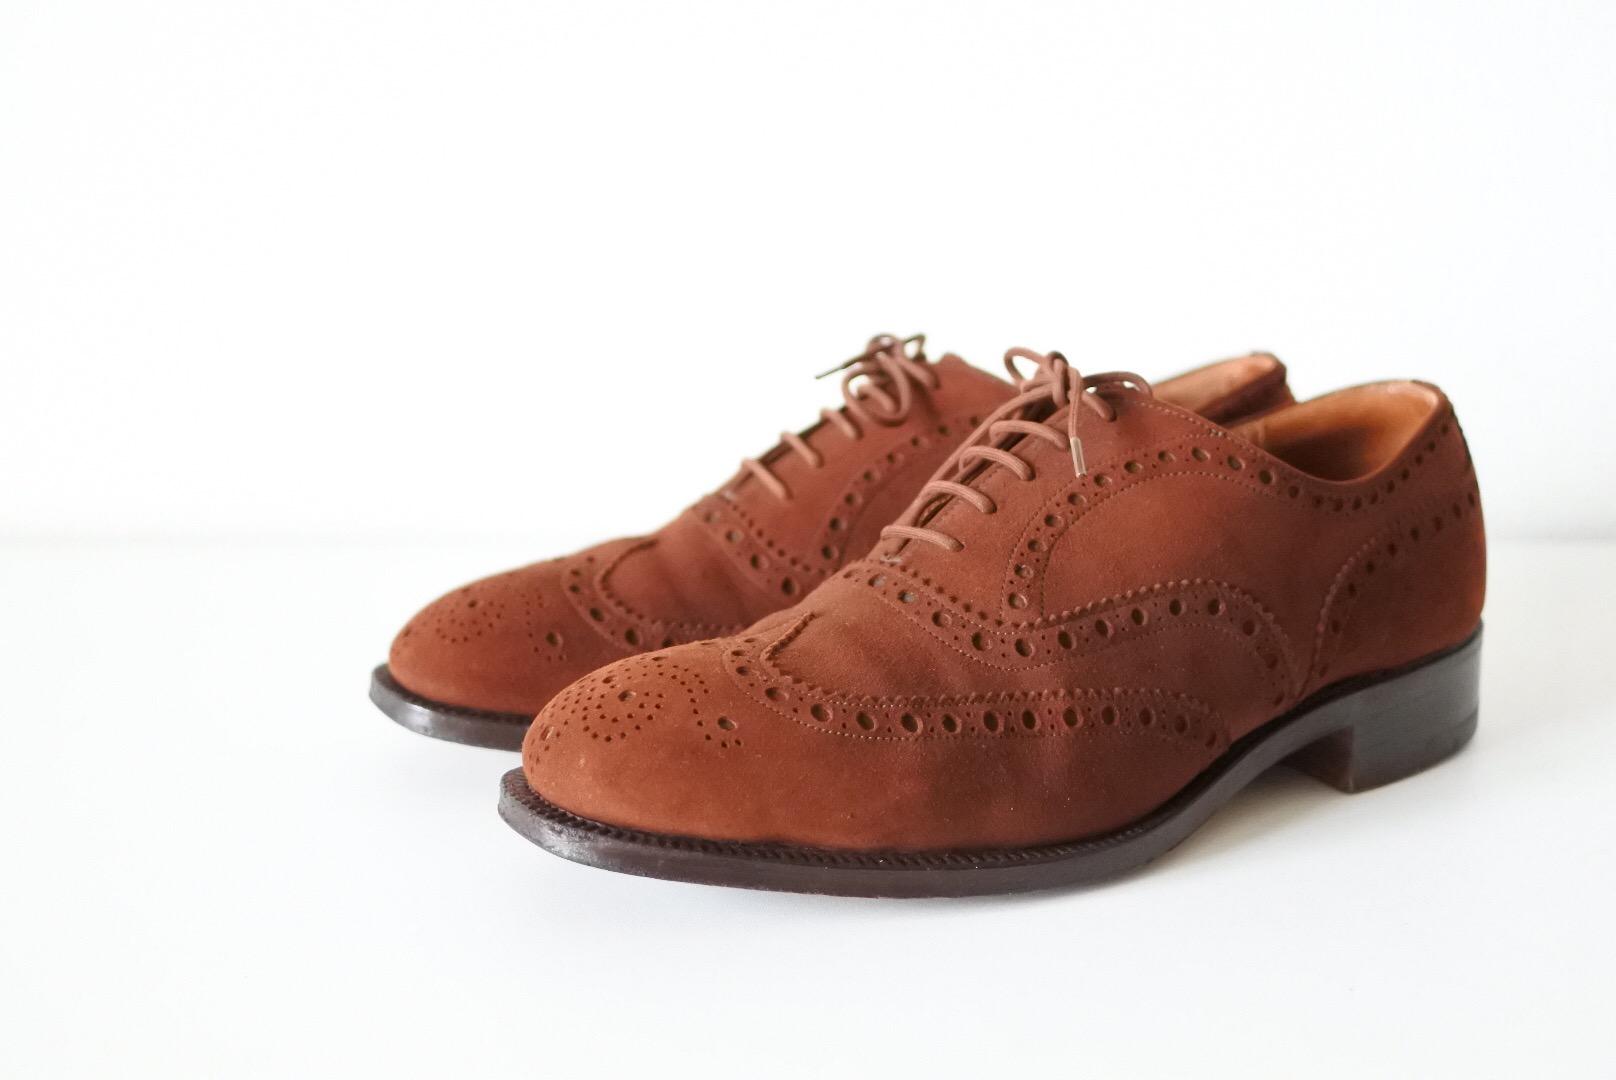 英国の良い革靴たちが入荷しました。